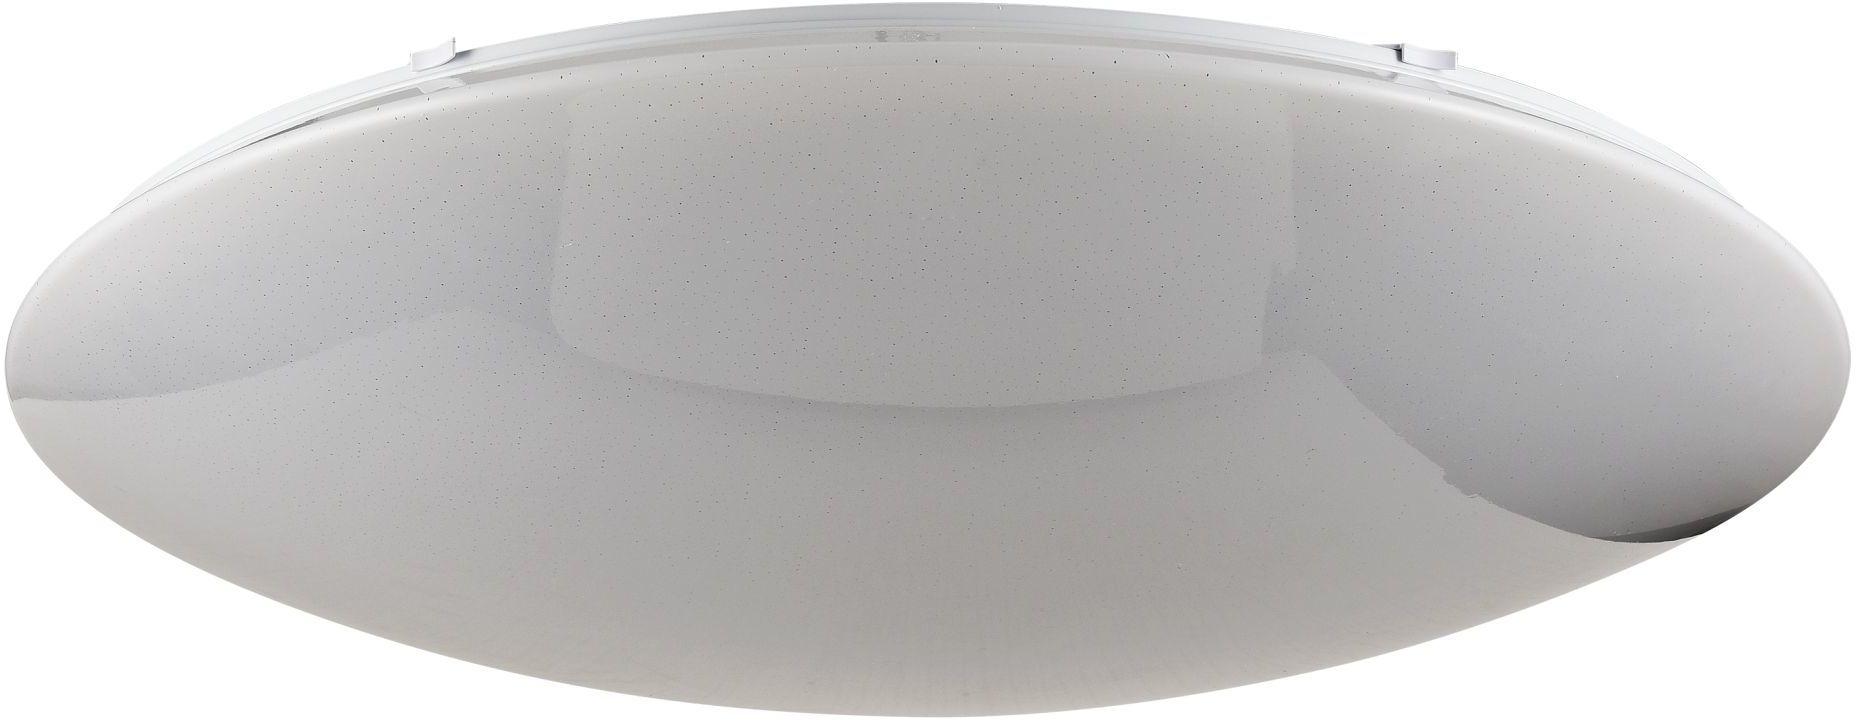 Maytoni Gloria C6999-CL-75-W plafon lampa sufitowa klosz akrylowy biały LED 3000-6500K 75W 77cm